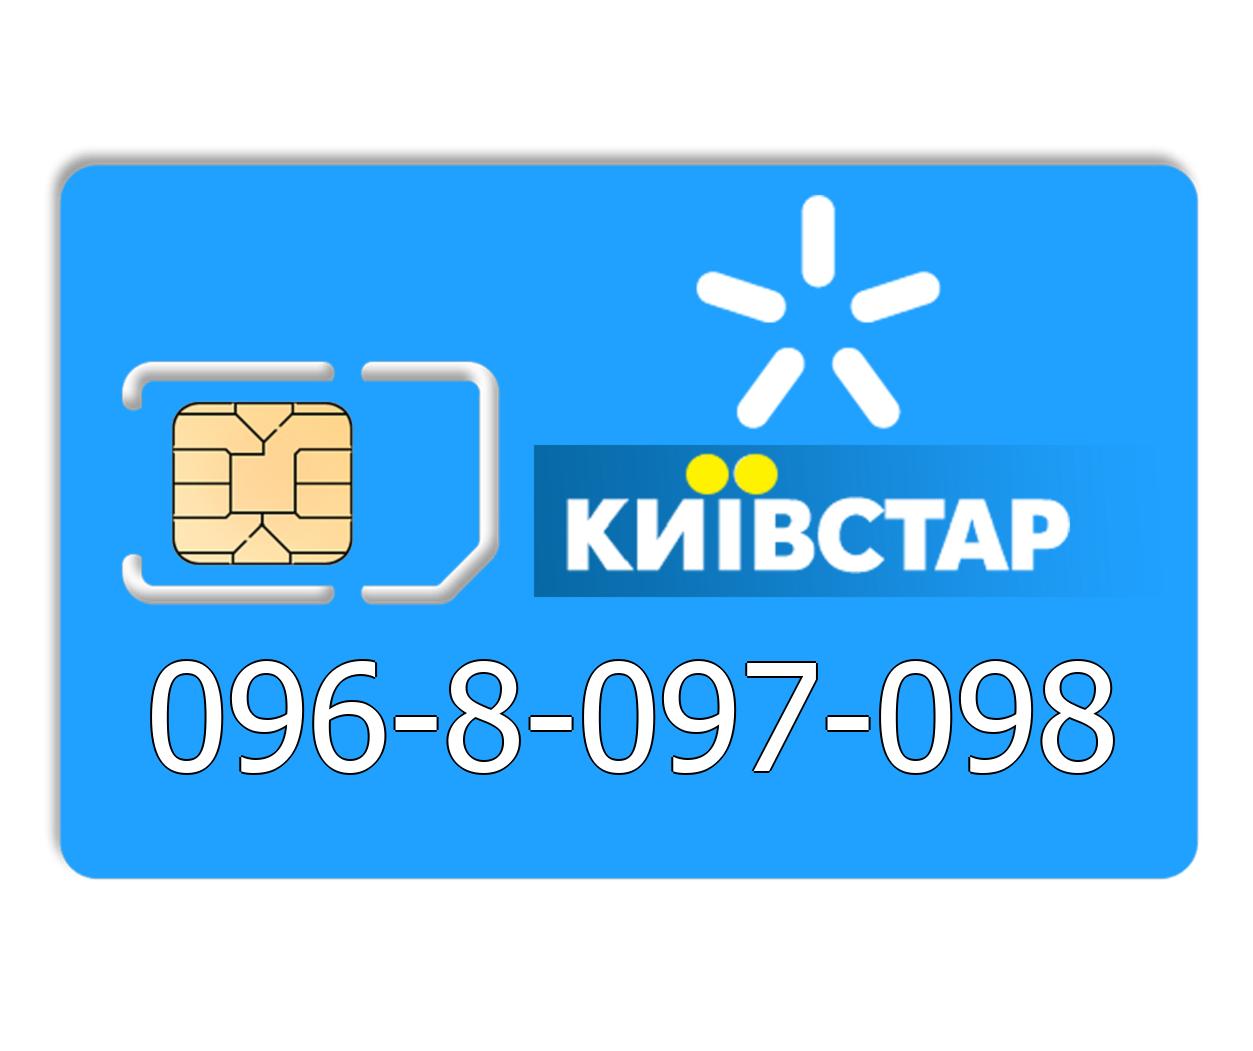 Красивый номер Киевстар 096-8-097-098